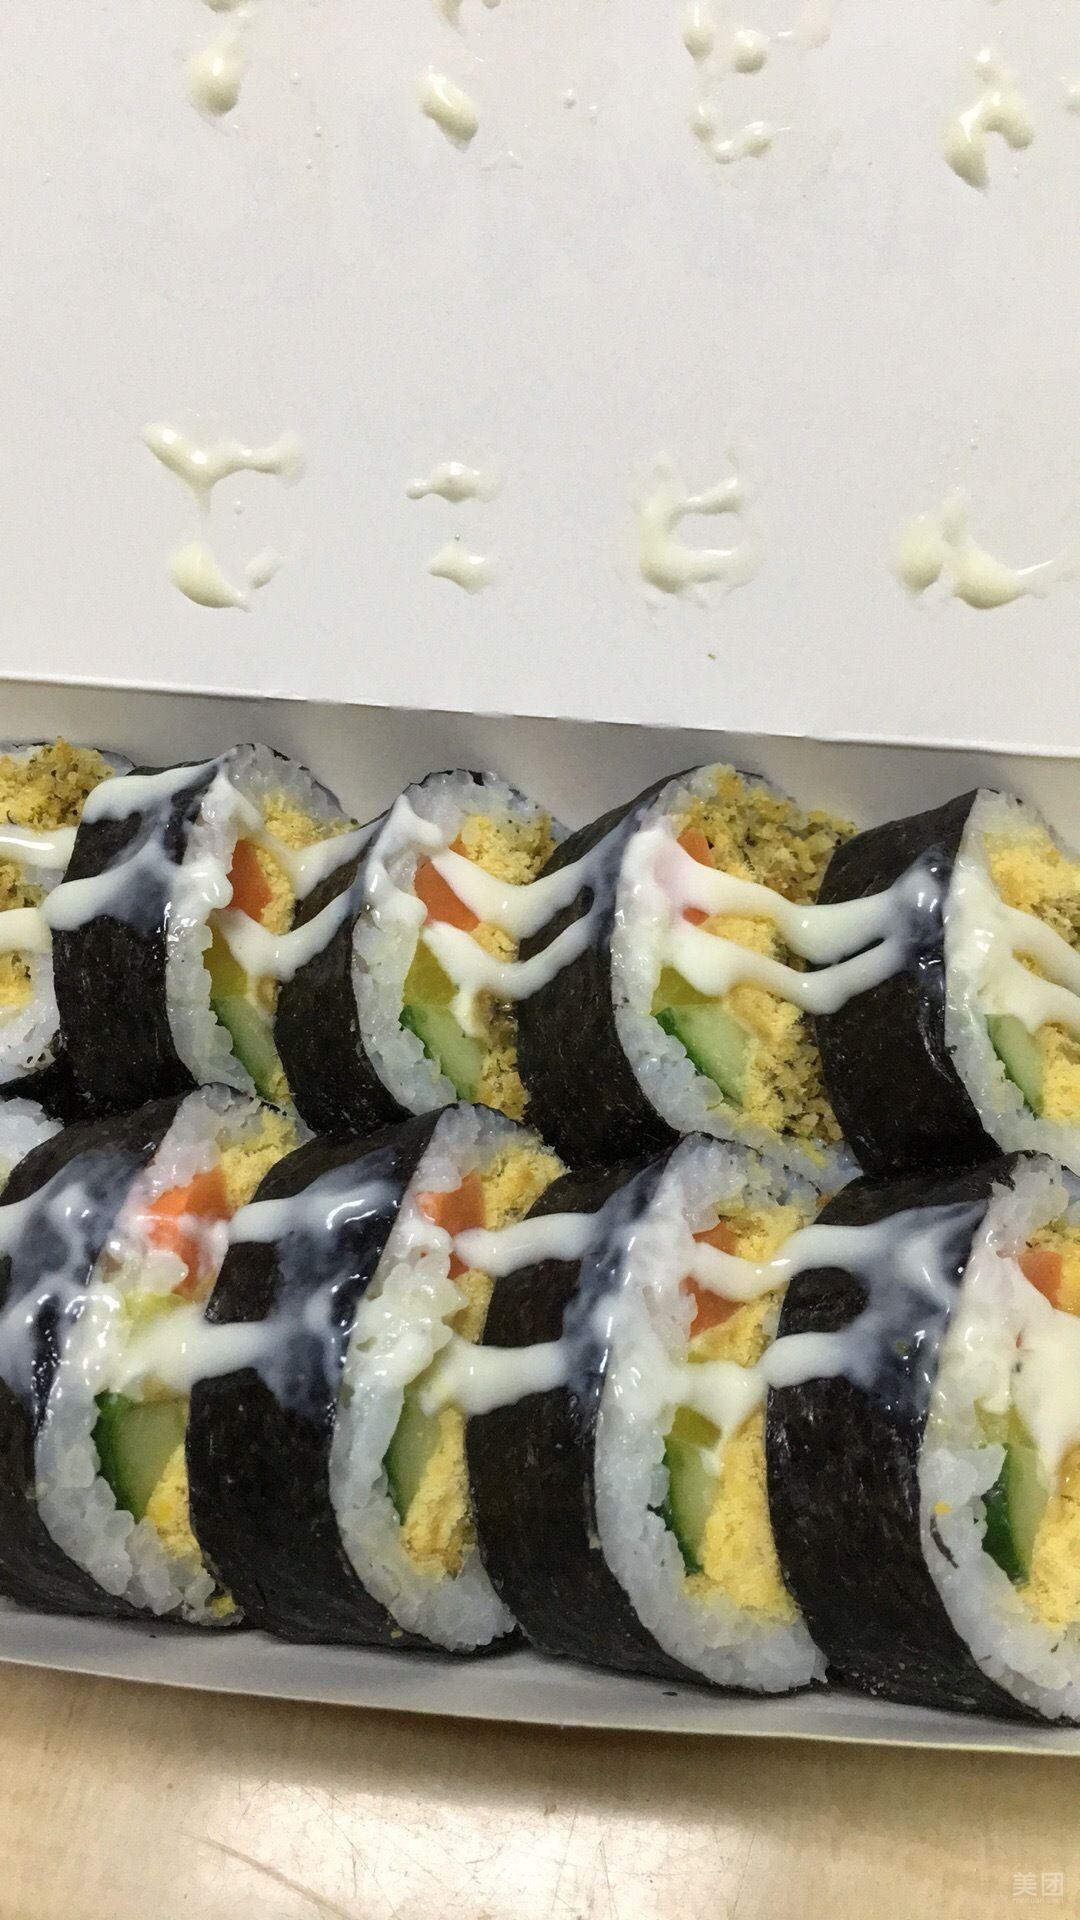 紫菜寿司详细步骤图